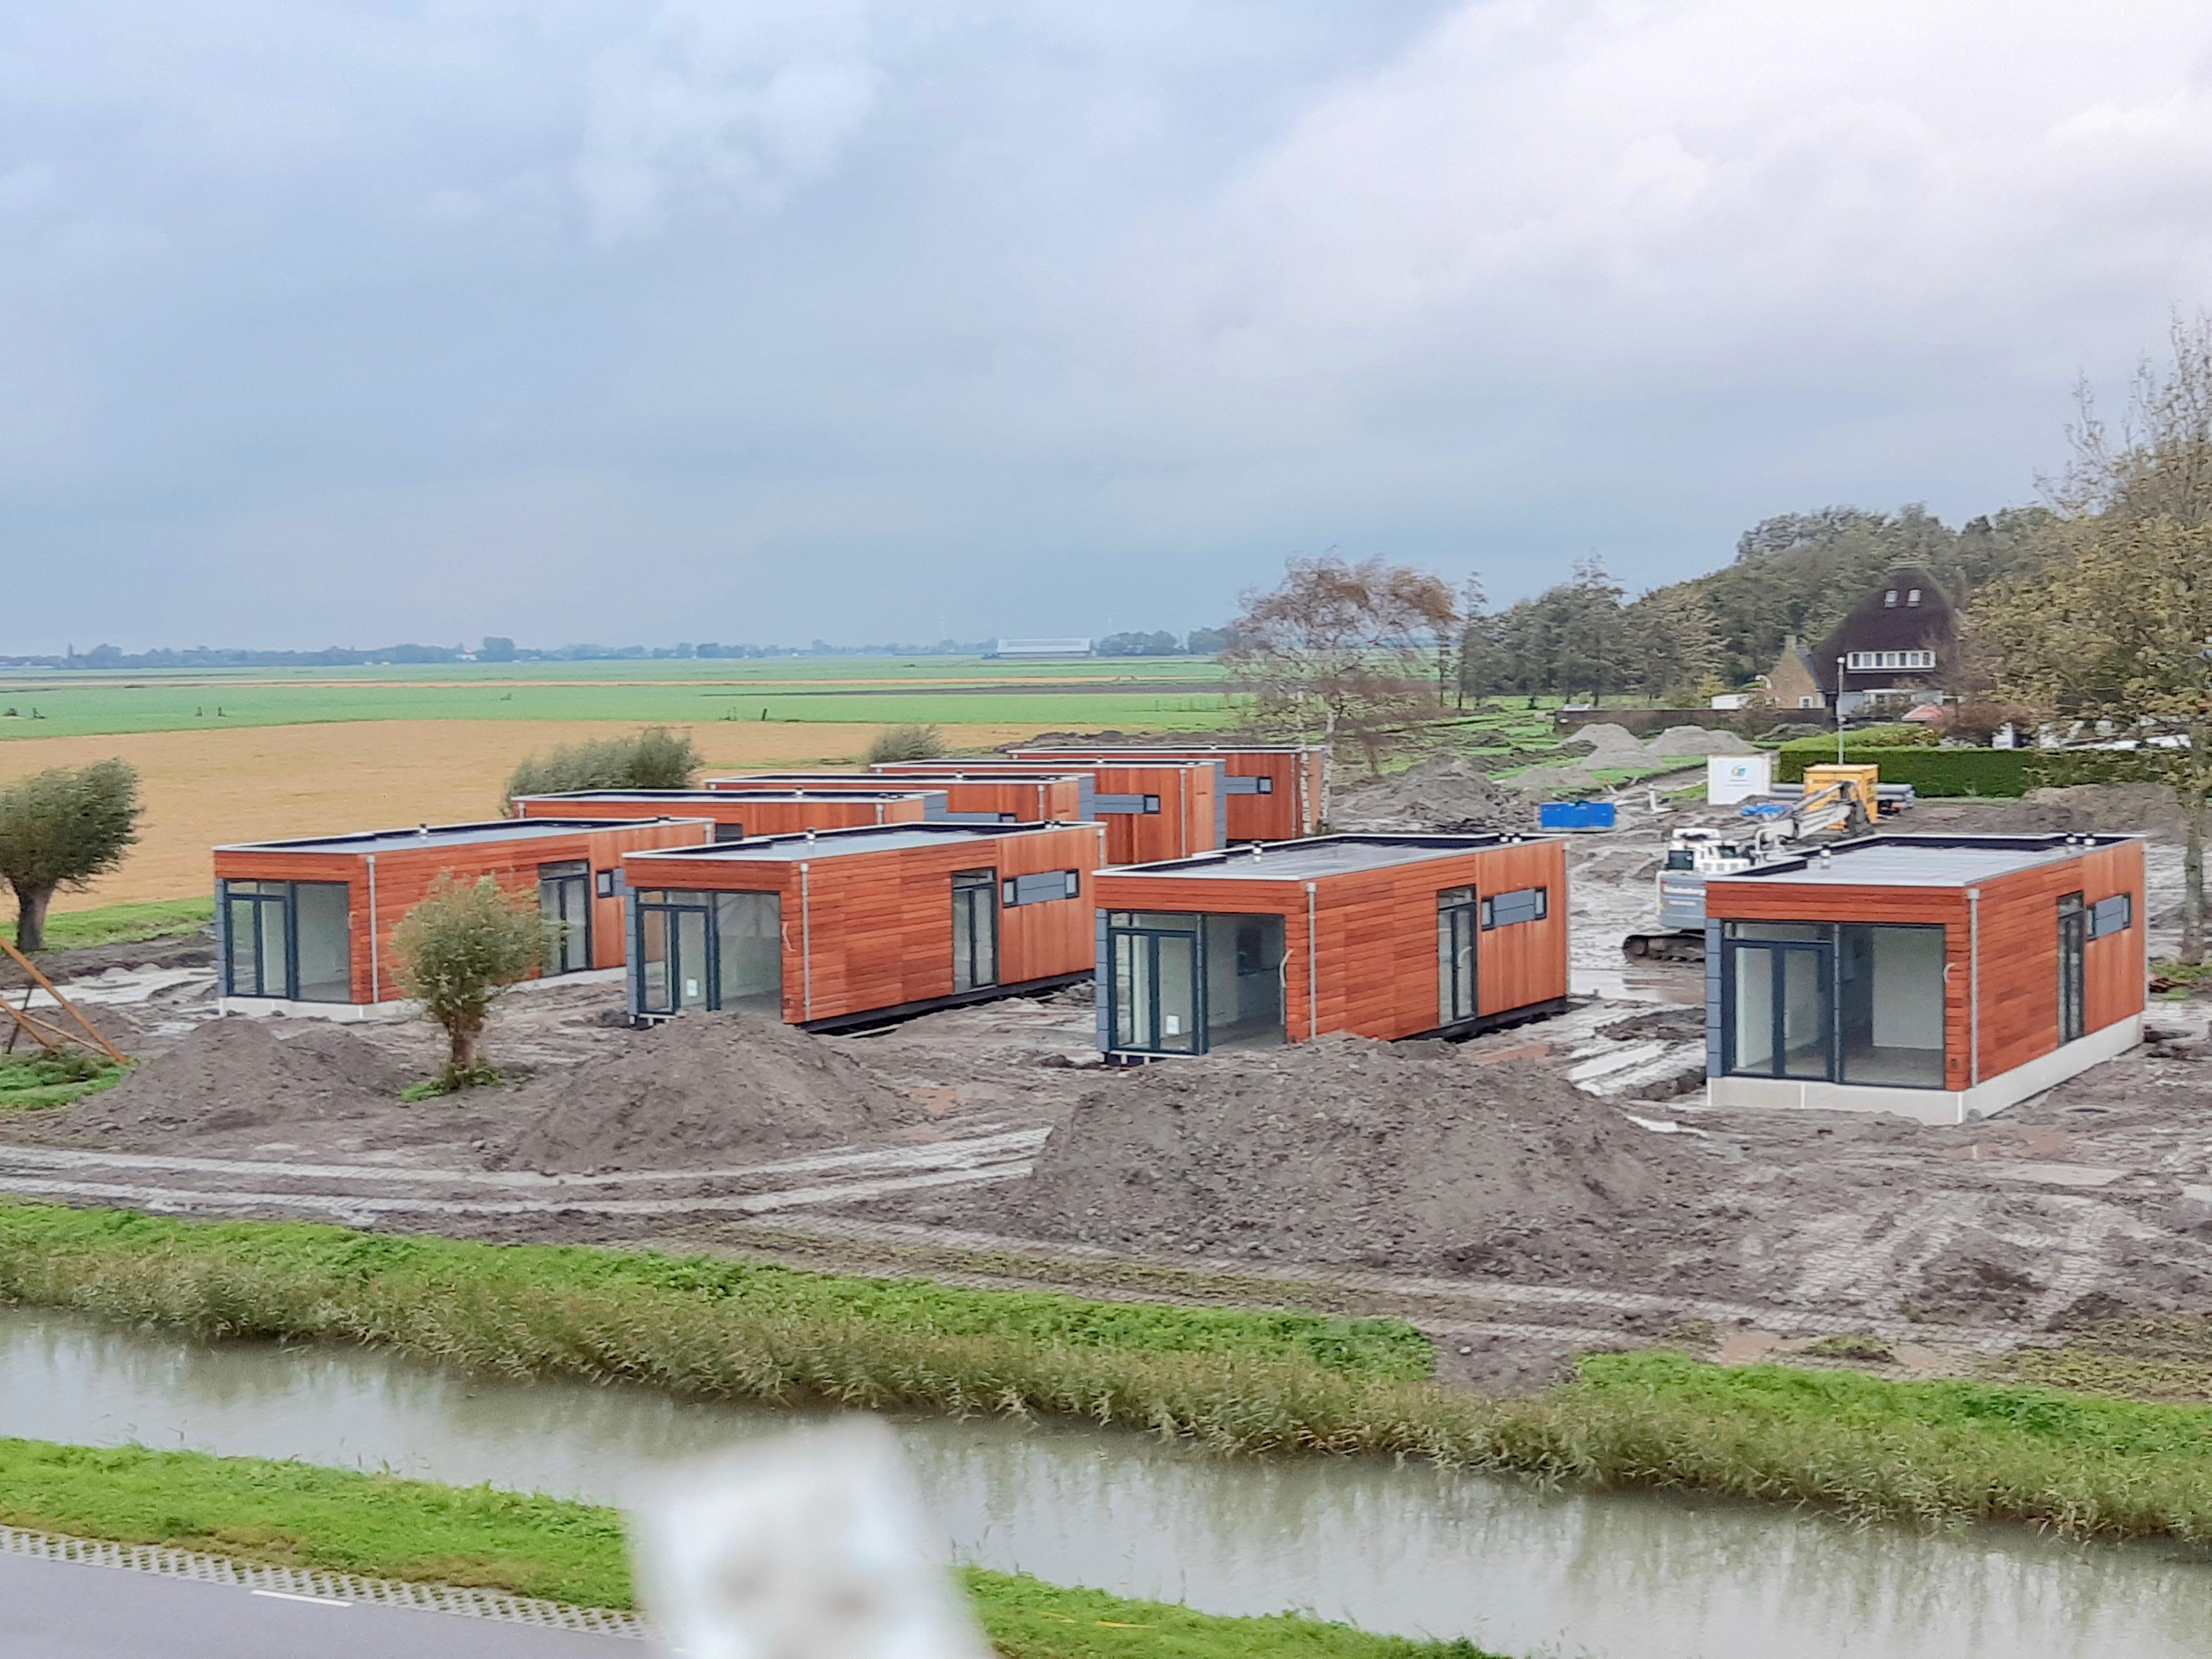 Rechtszaak dreigt over nieuw vakantiepark van Roompot in Wijdenes, bewoners willen dat plaatsen vakantiewoningen stopt